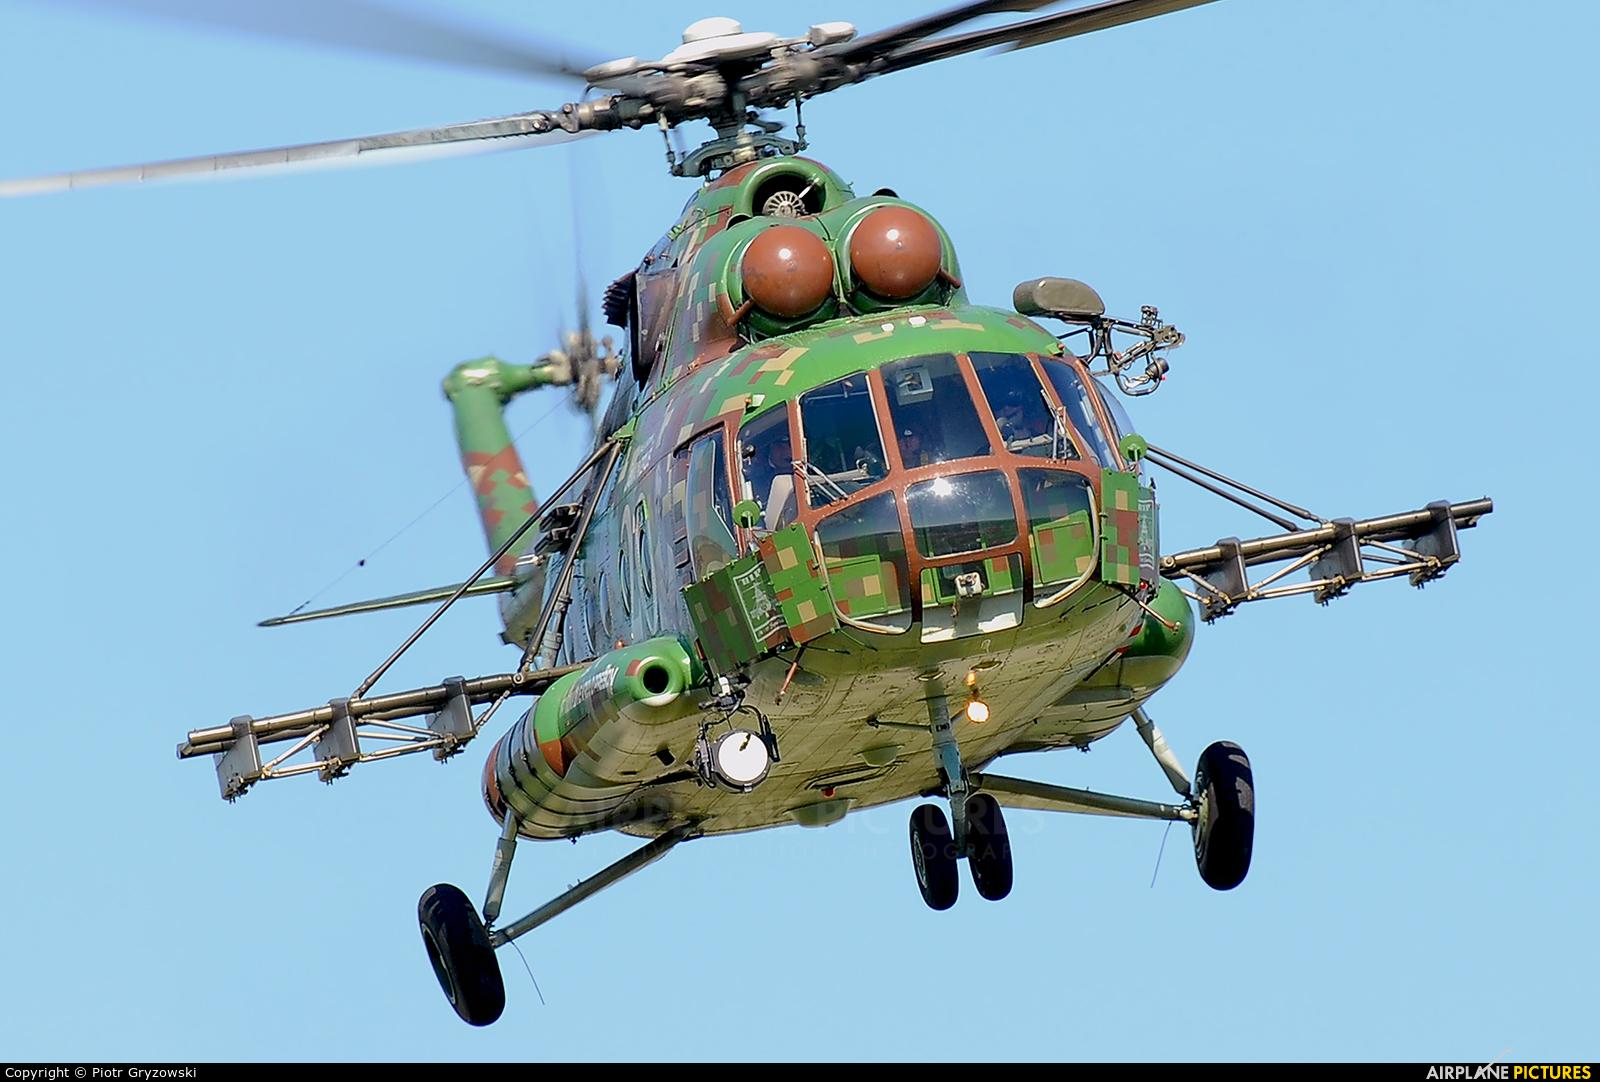 Slovakia -  Air Force 0807 aircraft at Sliač